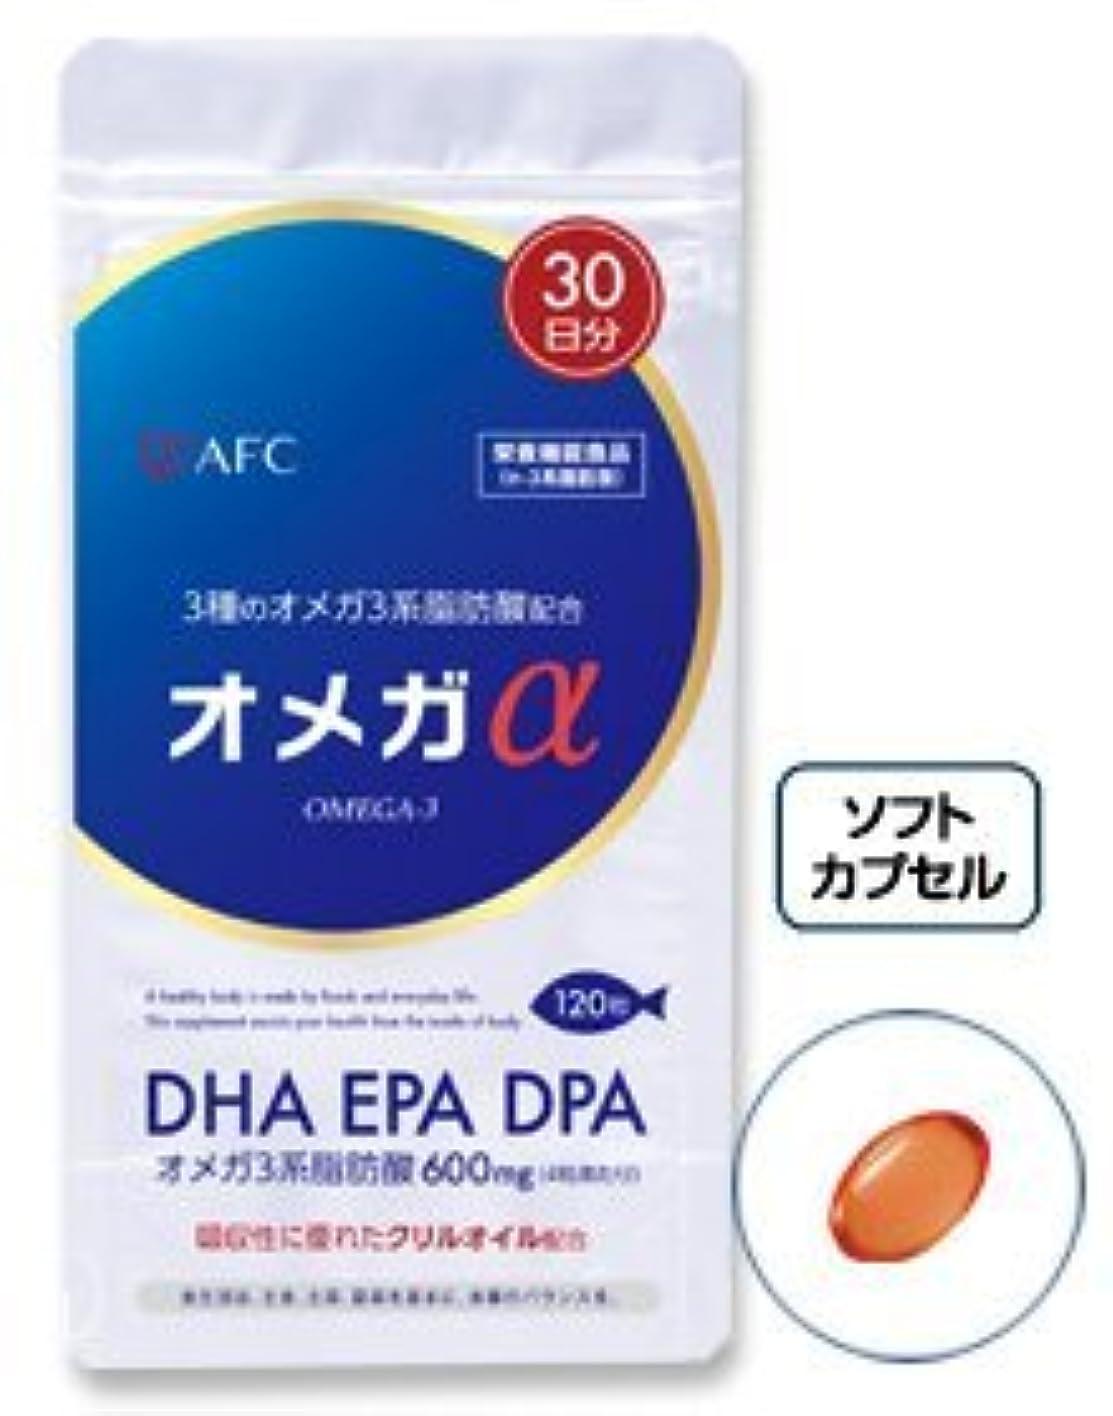 ペイント楽しませる明らかにする【AFC公式ショップ】とってもお得な3個セット!30日分 オメガスリー オメガα (オメガ アルファ) ソフトカプセル DHA DPA EPA クリルオイル